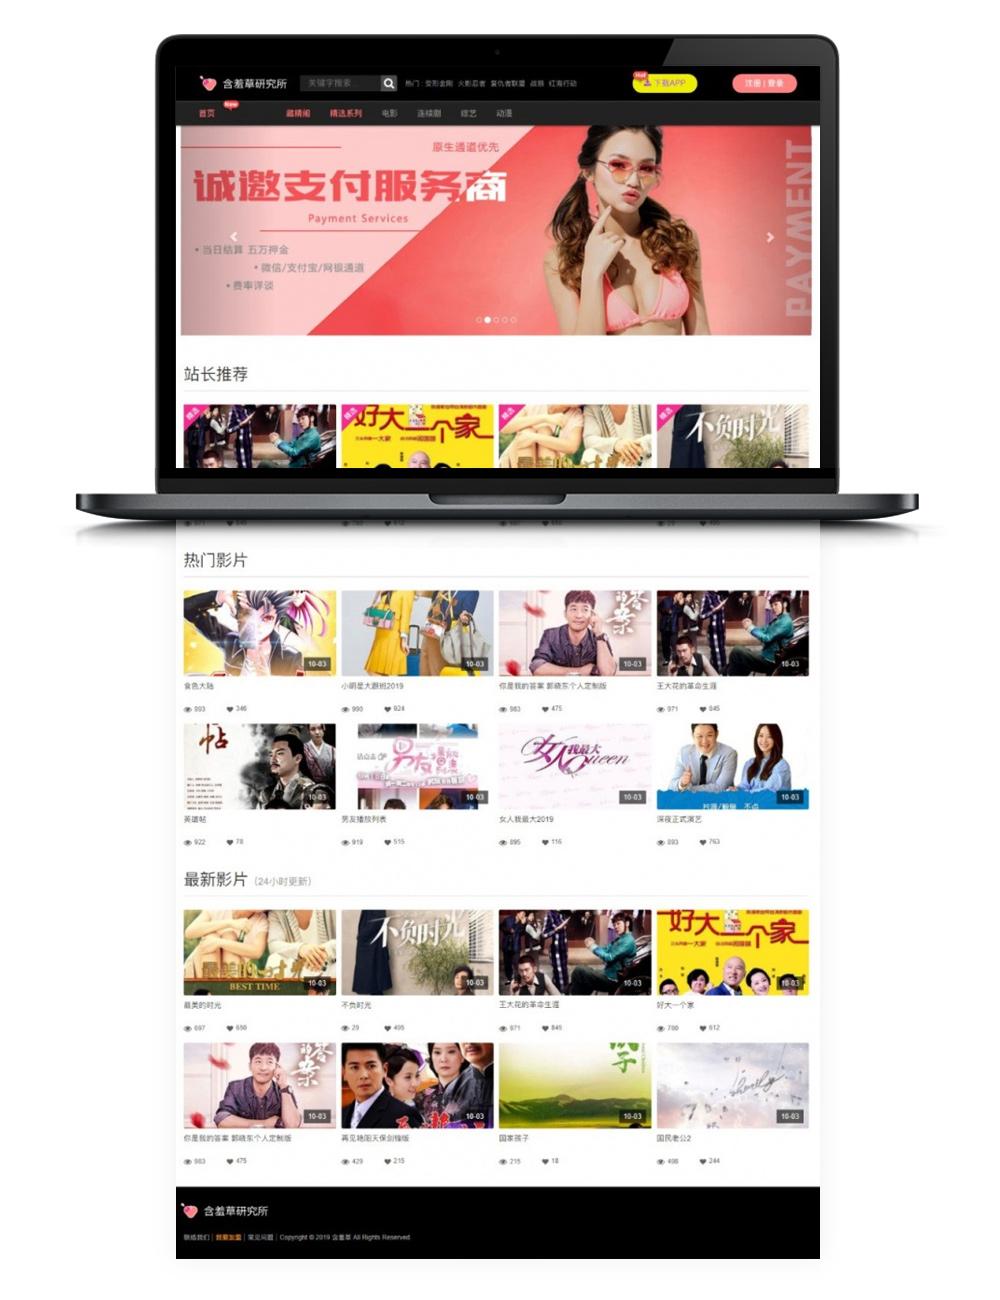 【含羞草影视源码】在线视频电影影视网站源码 自适应手机版[苹果cmsV10内核]更新